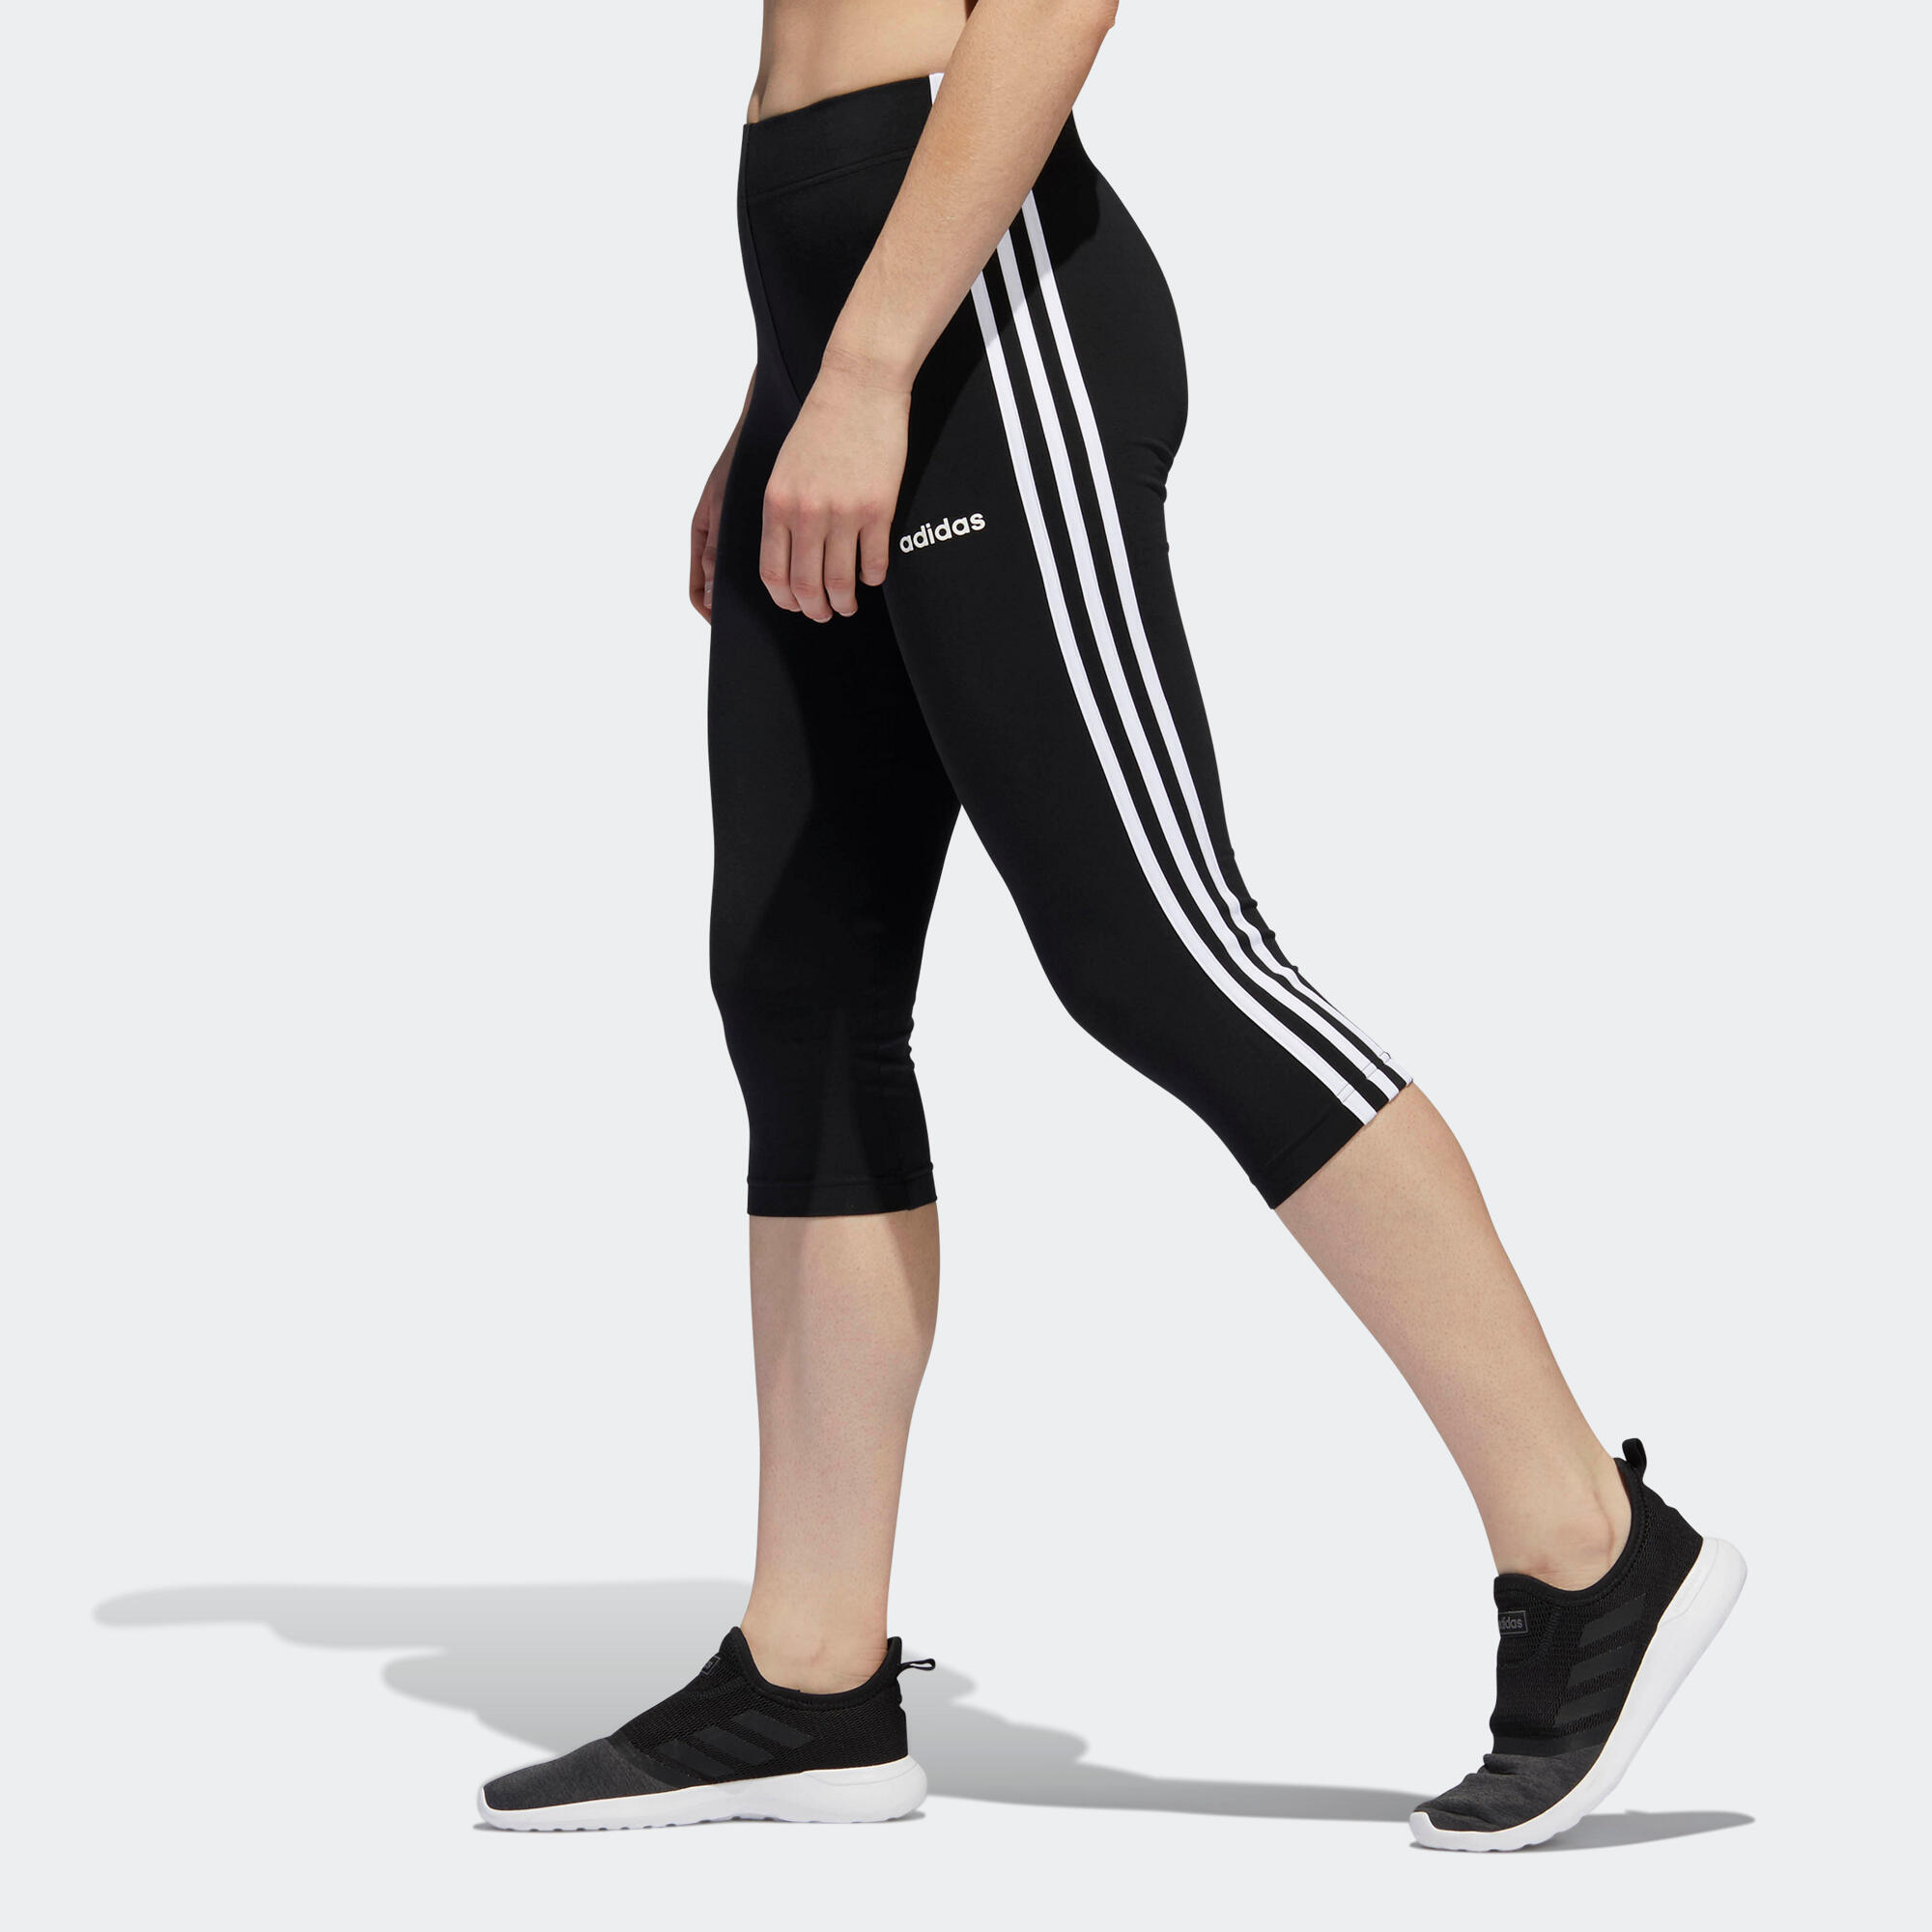 Colanți Adidas Negru Damă imagine